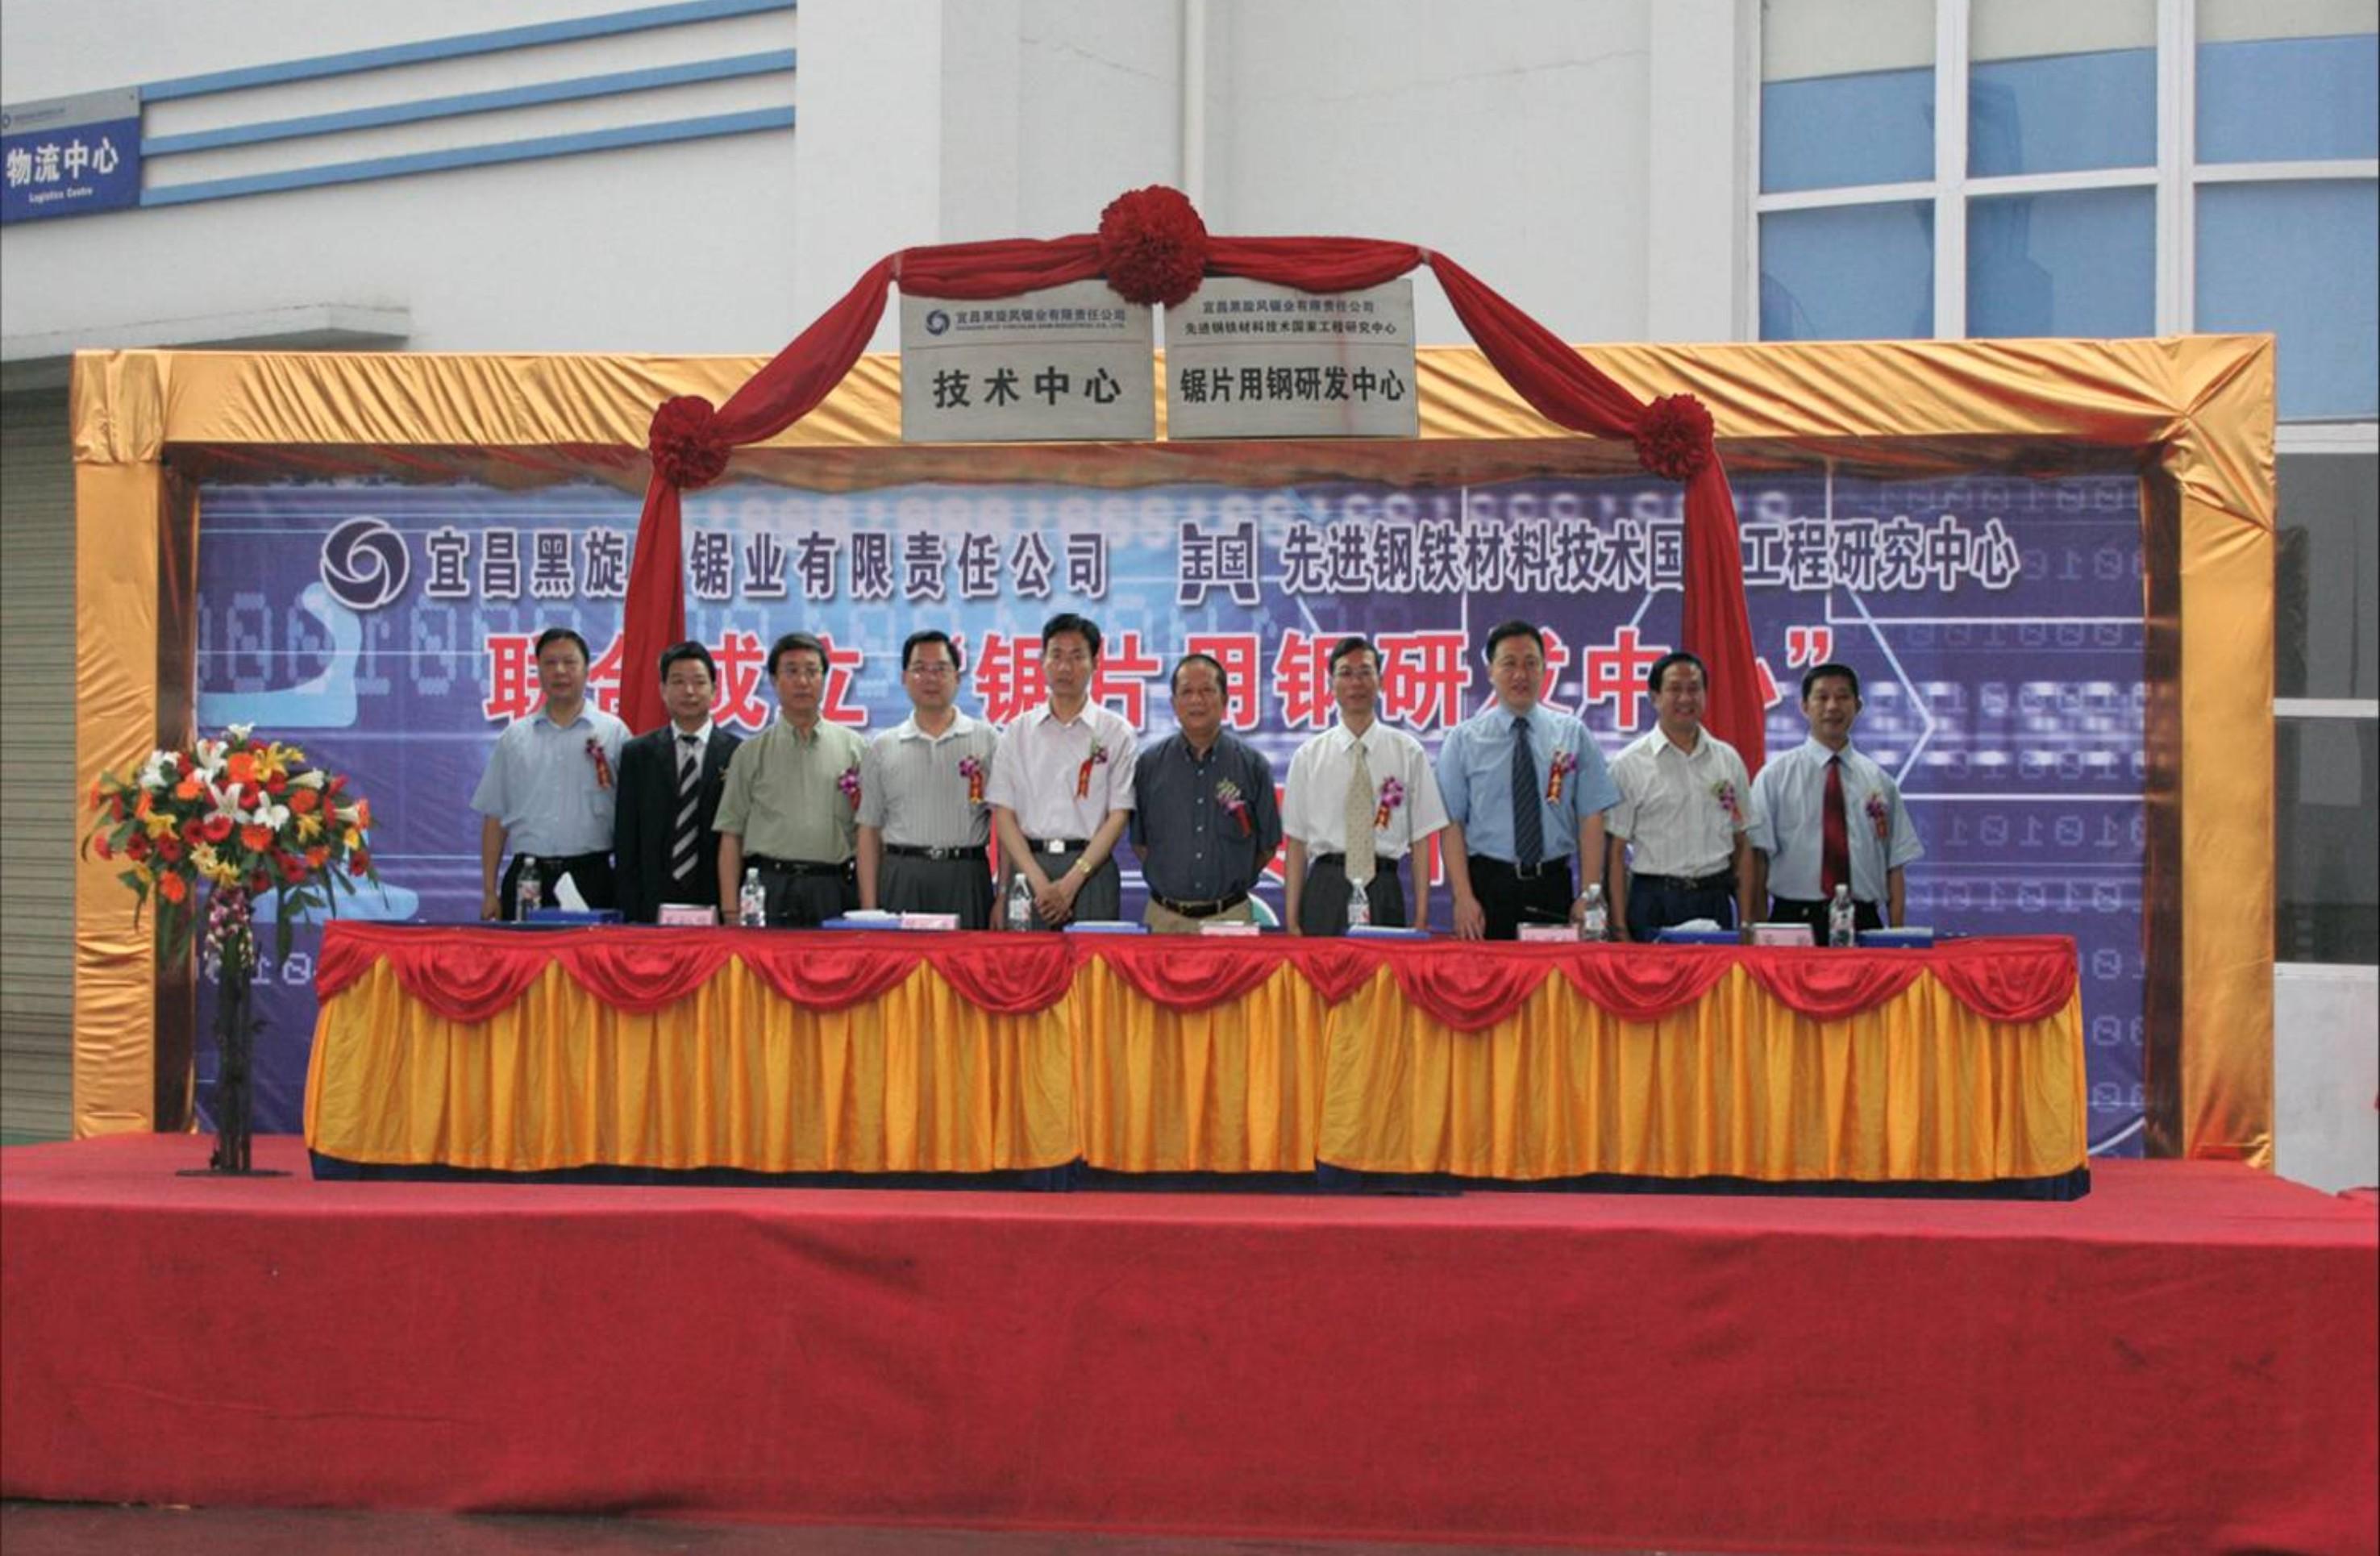 3.2006年9月1日組建先進鋼鐵材技術國家工程研究中心